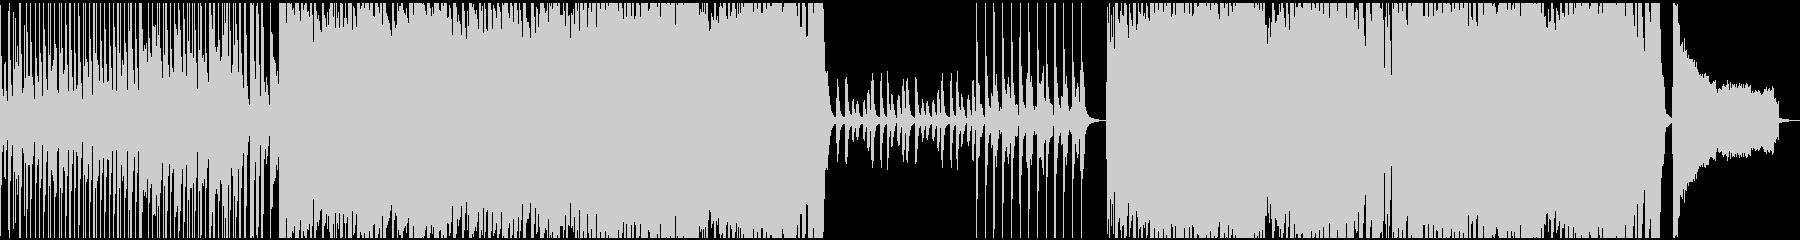 ポップロックでインスピレーションな曲の未再生の波形